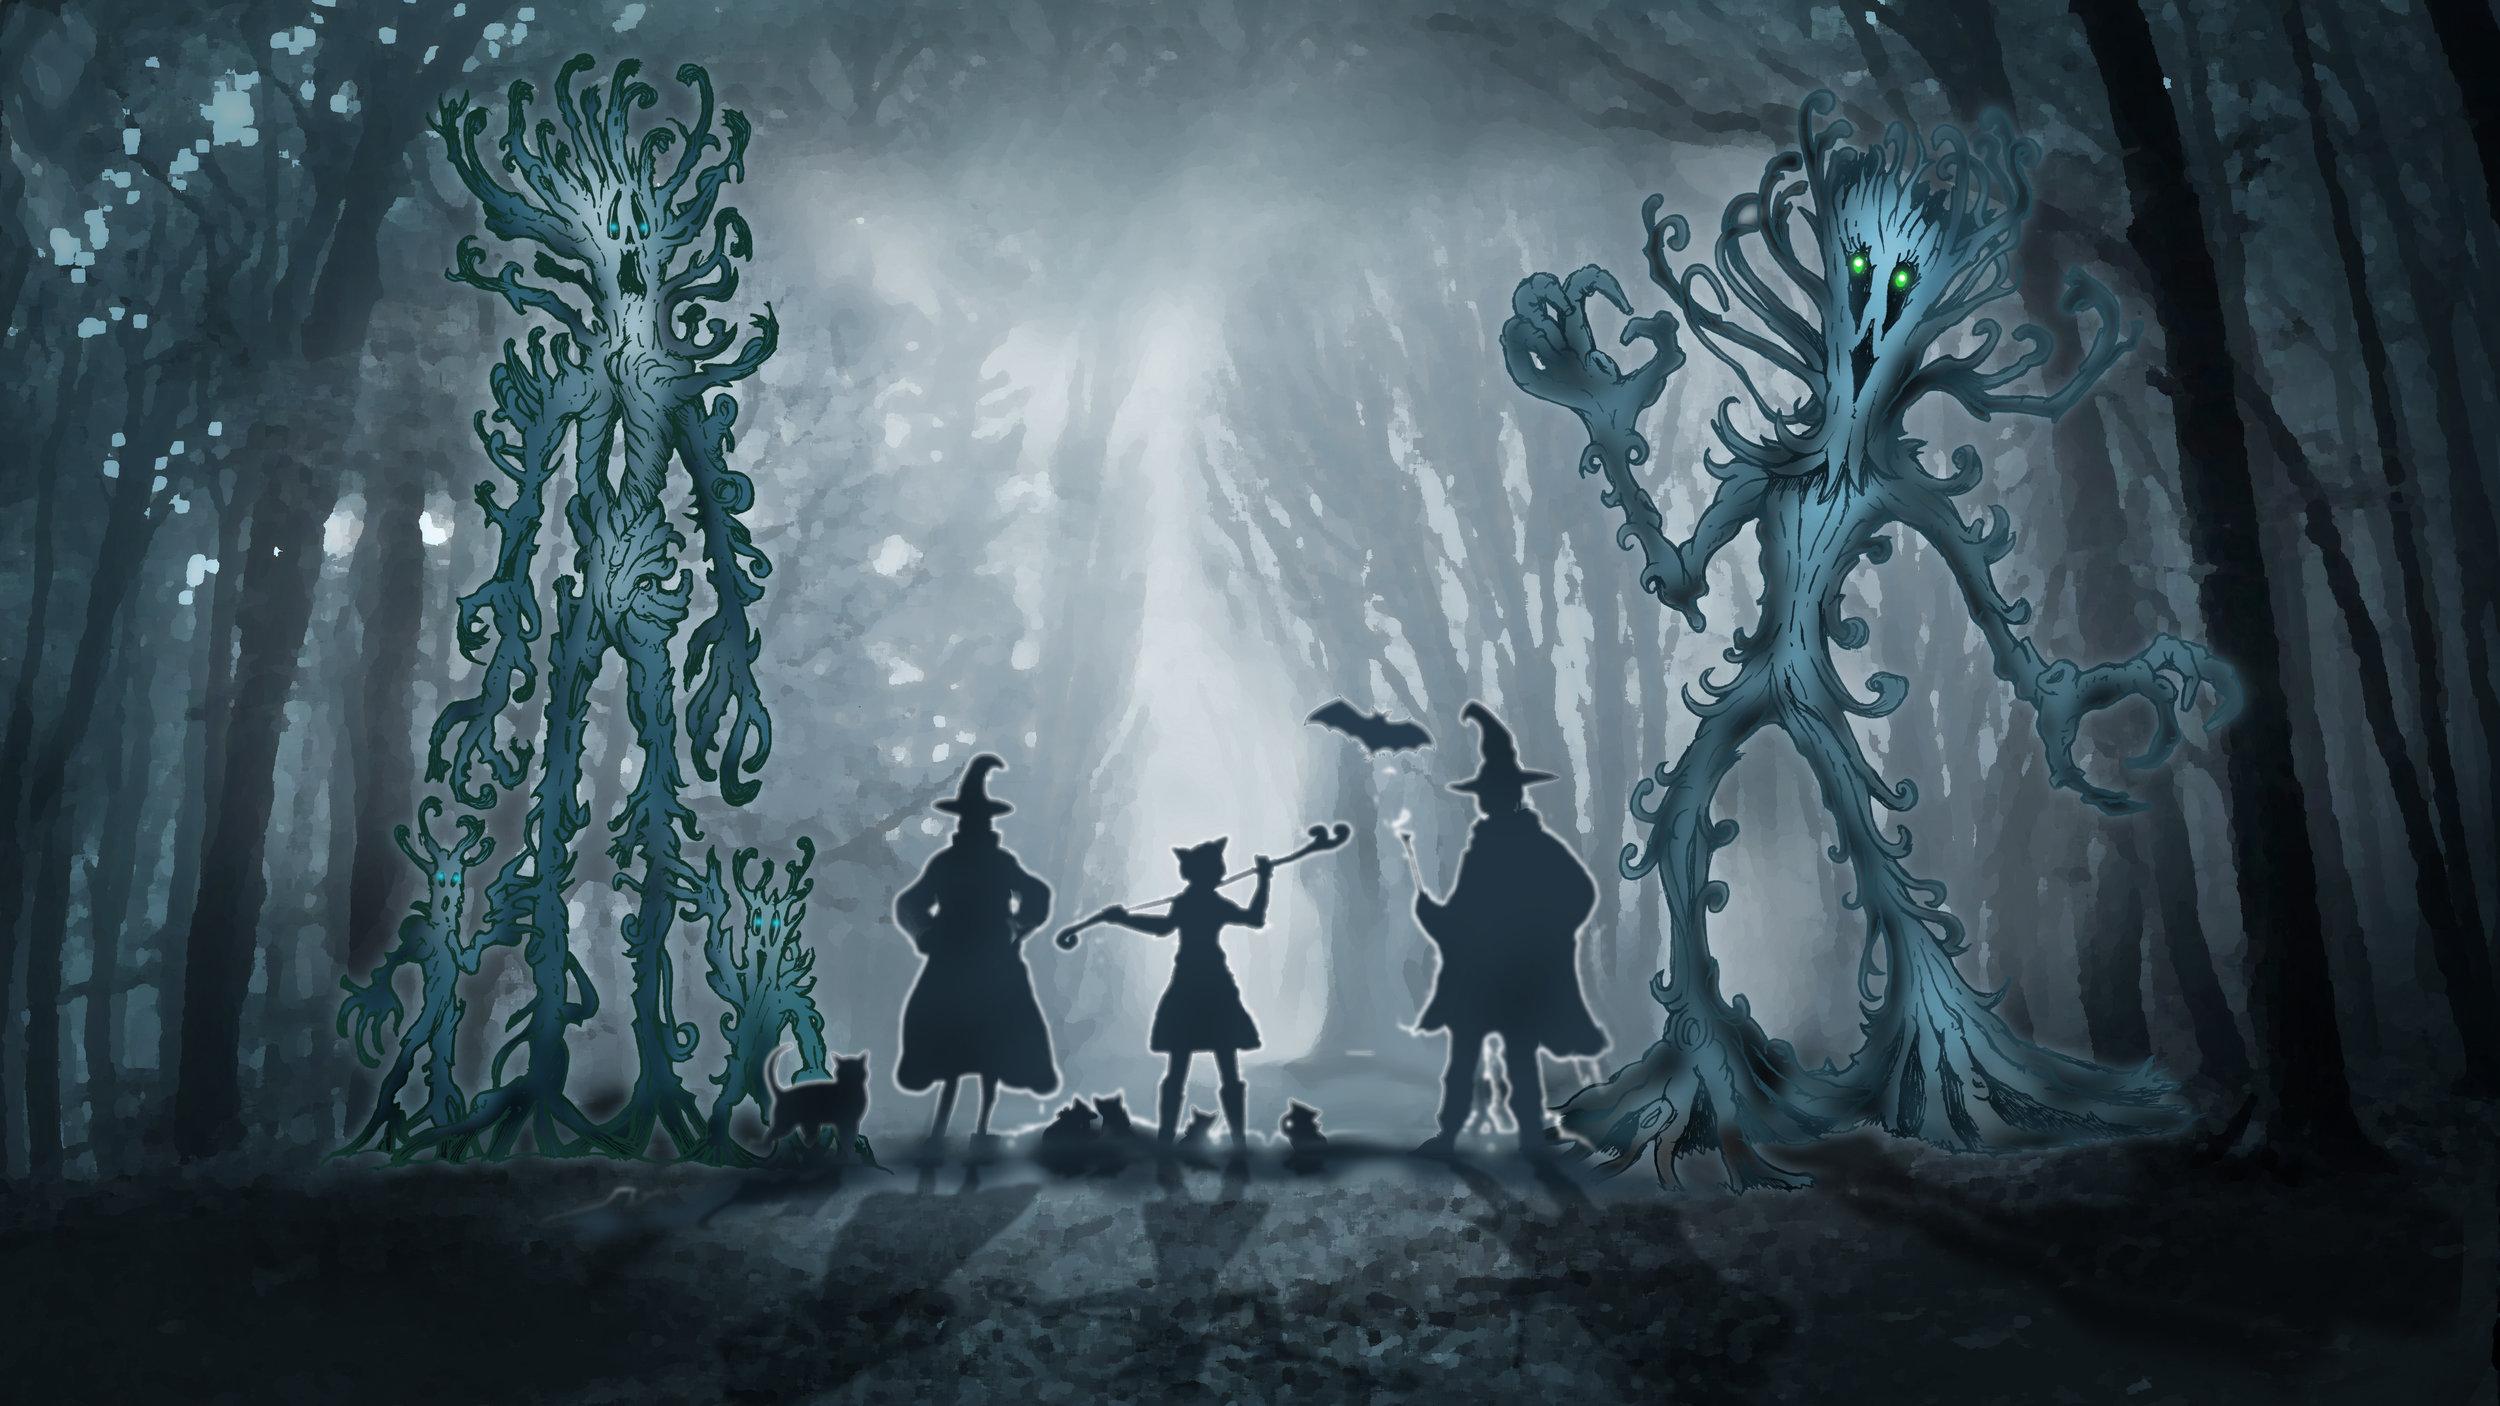 Misty forest 002jpg.jpg